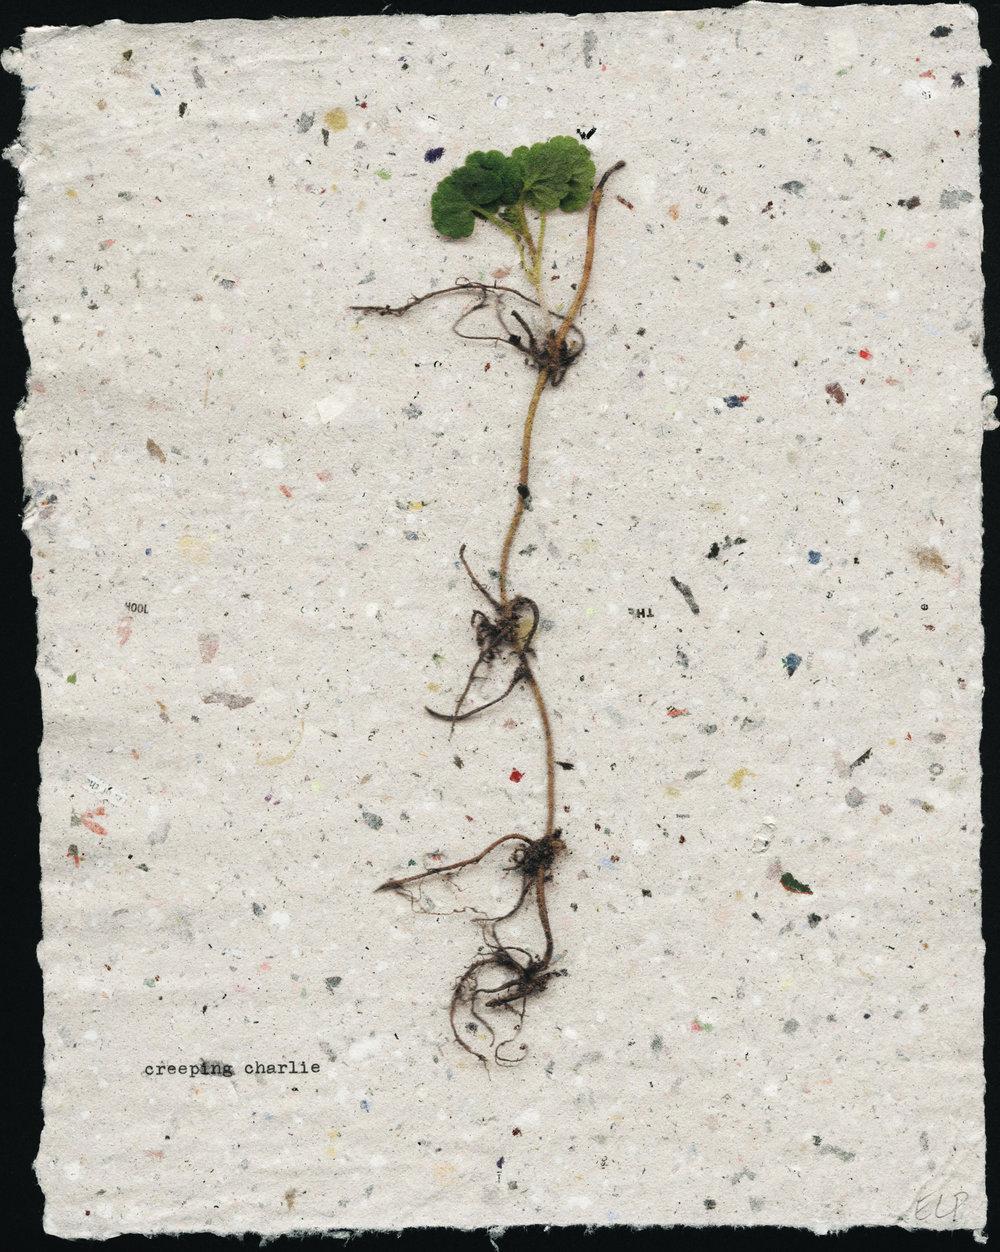 seedling: creeping charlie